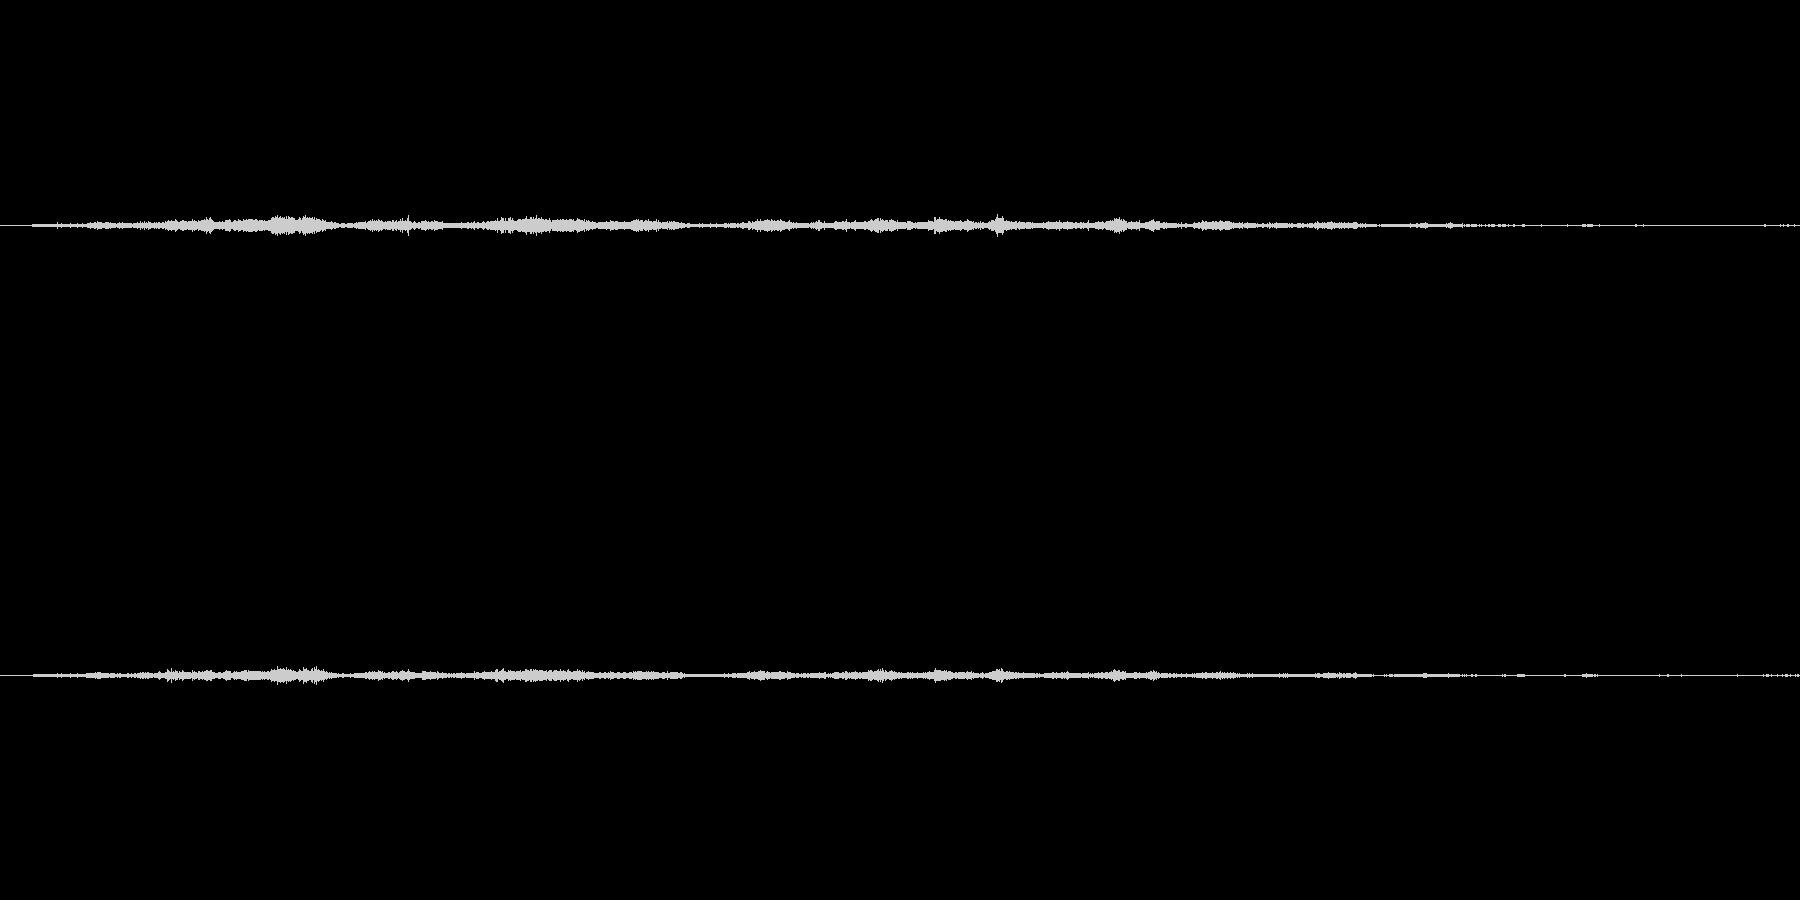 ガサガサ(紙を擦り合わせる音)の未再生の波形